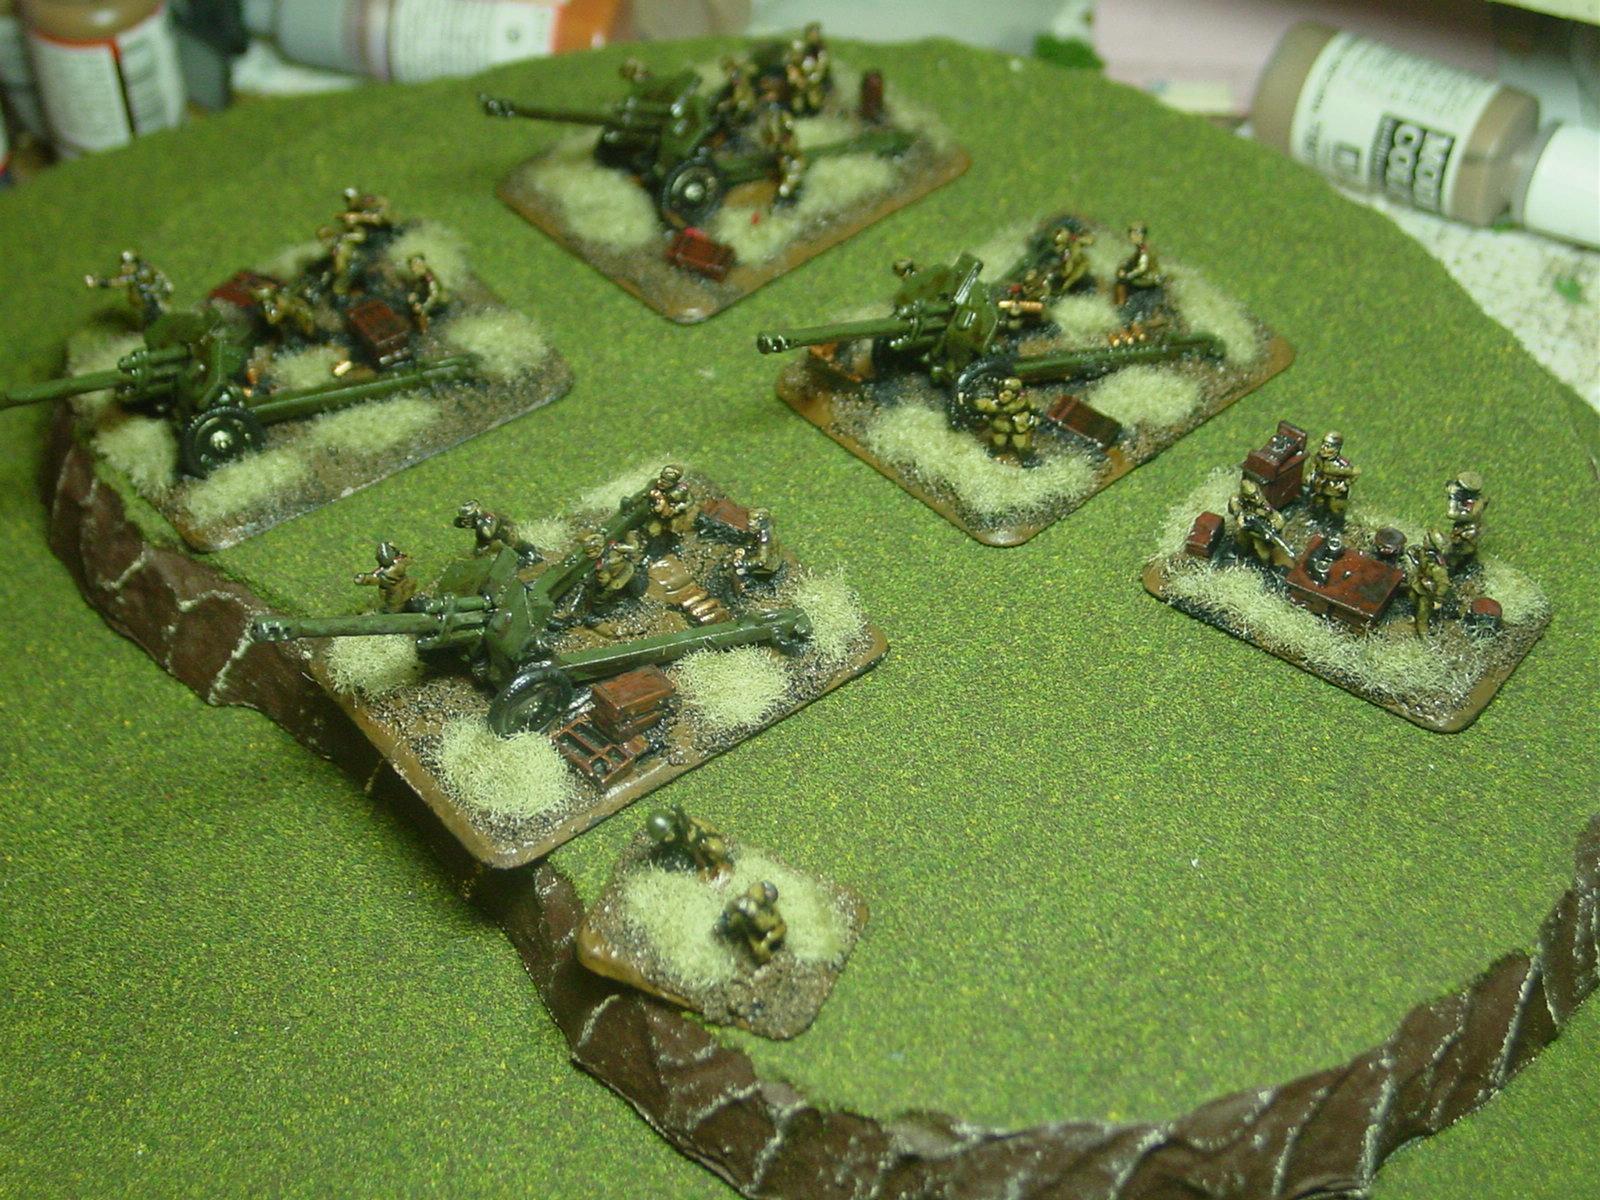 15mm, Artillery, Flames Of War, Russians, Soviet, World War 2